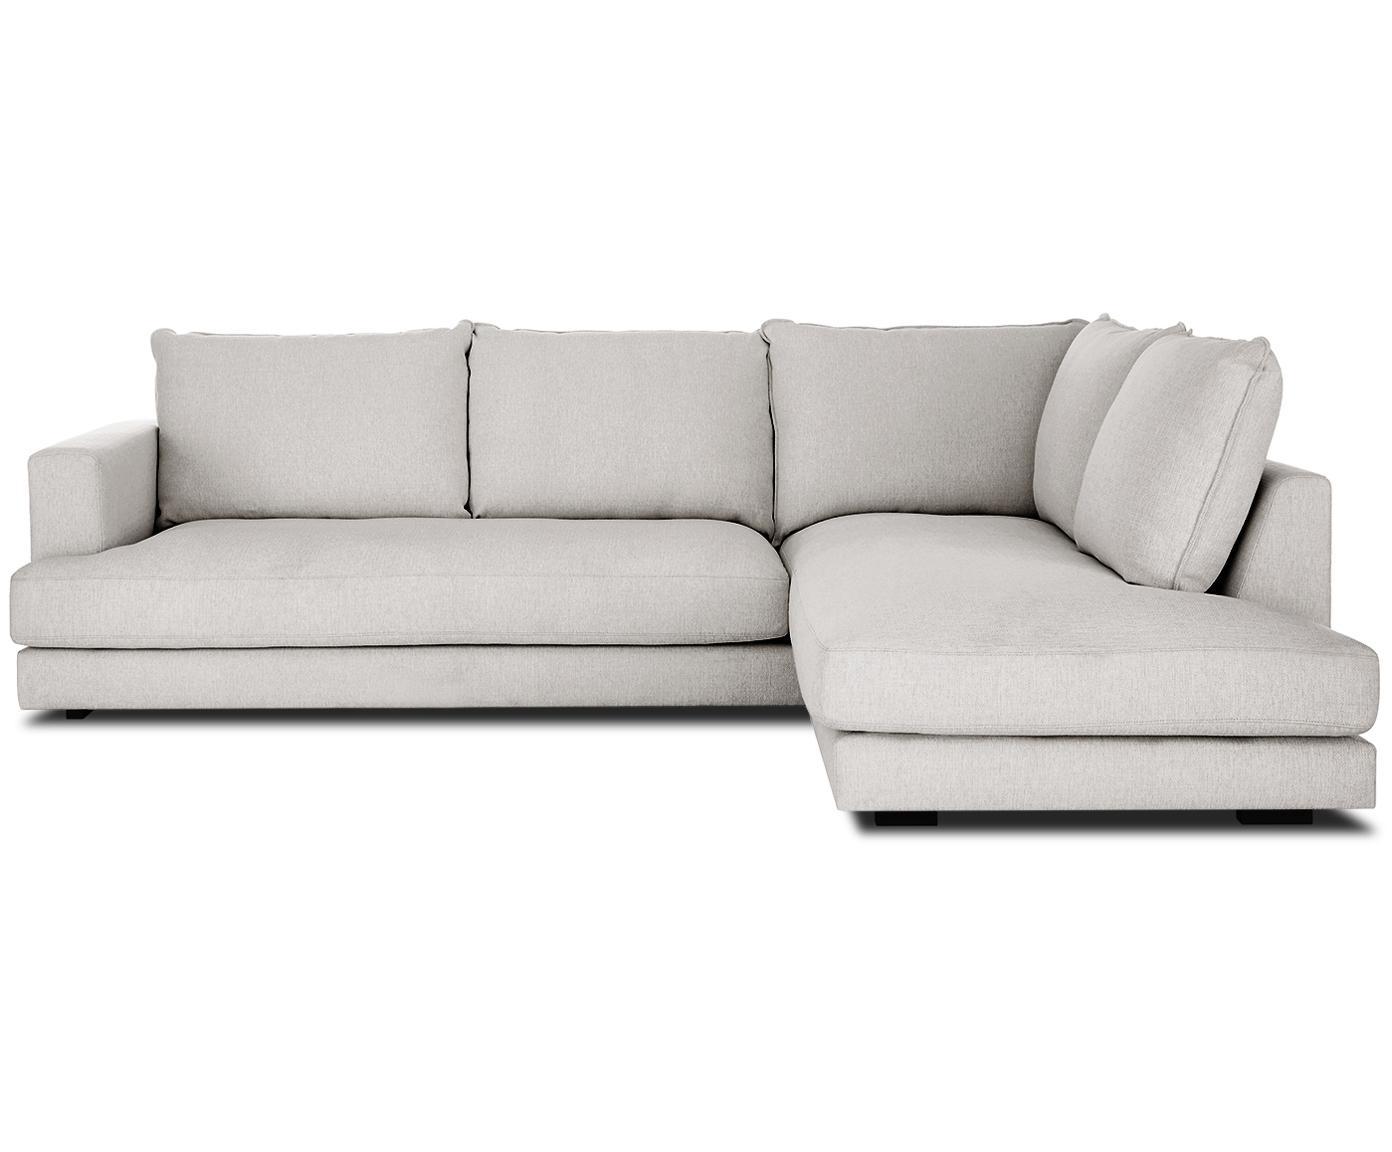 Full Size of Großes Ecksofa Sofa Regal Bild Wohnzimmer Bett Bezug Mit Ottomane Garten Wohnzimmer Großes Ecksofa